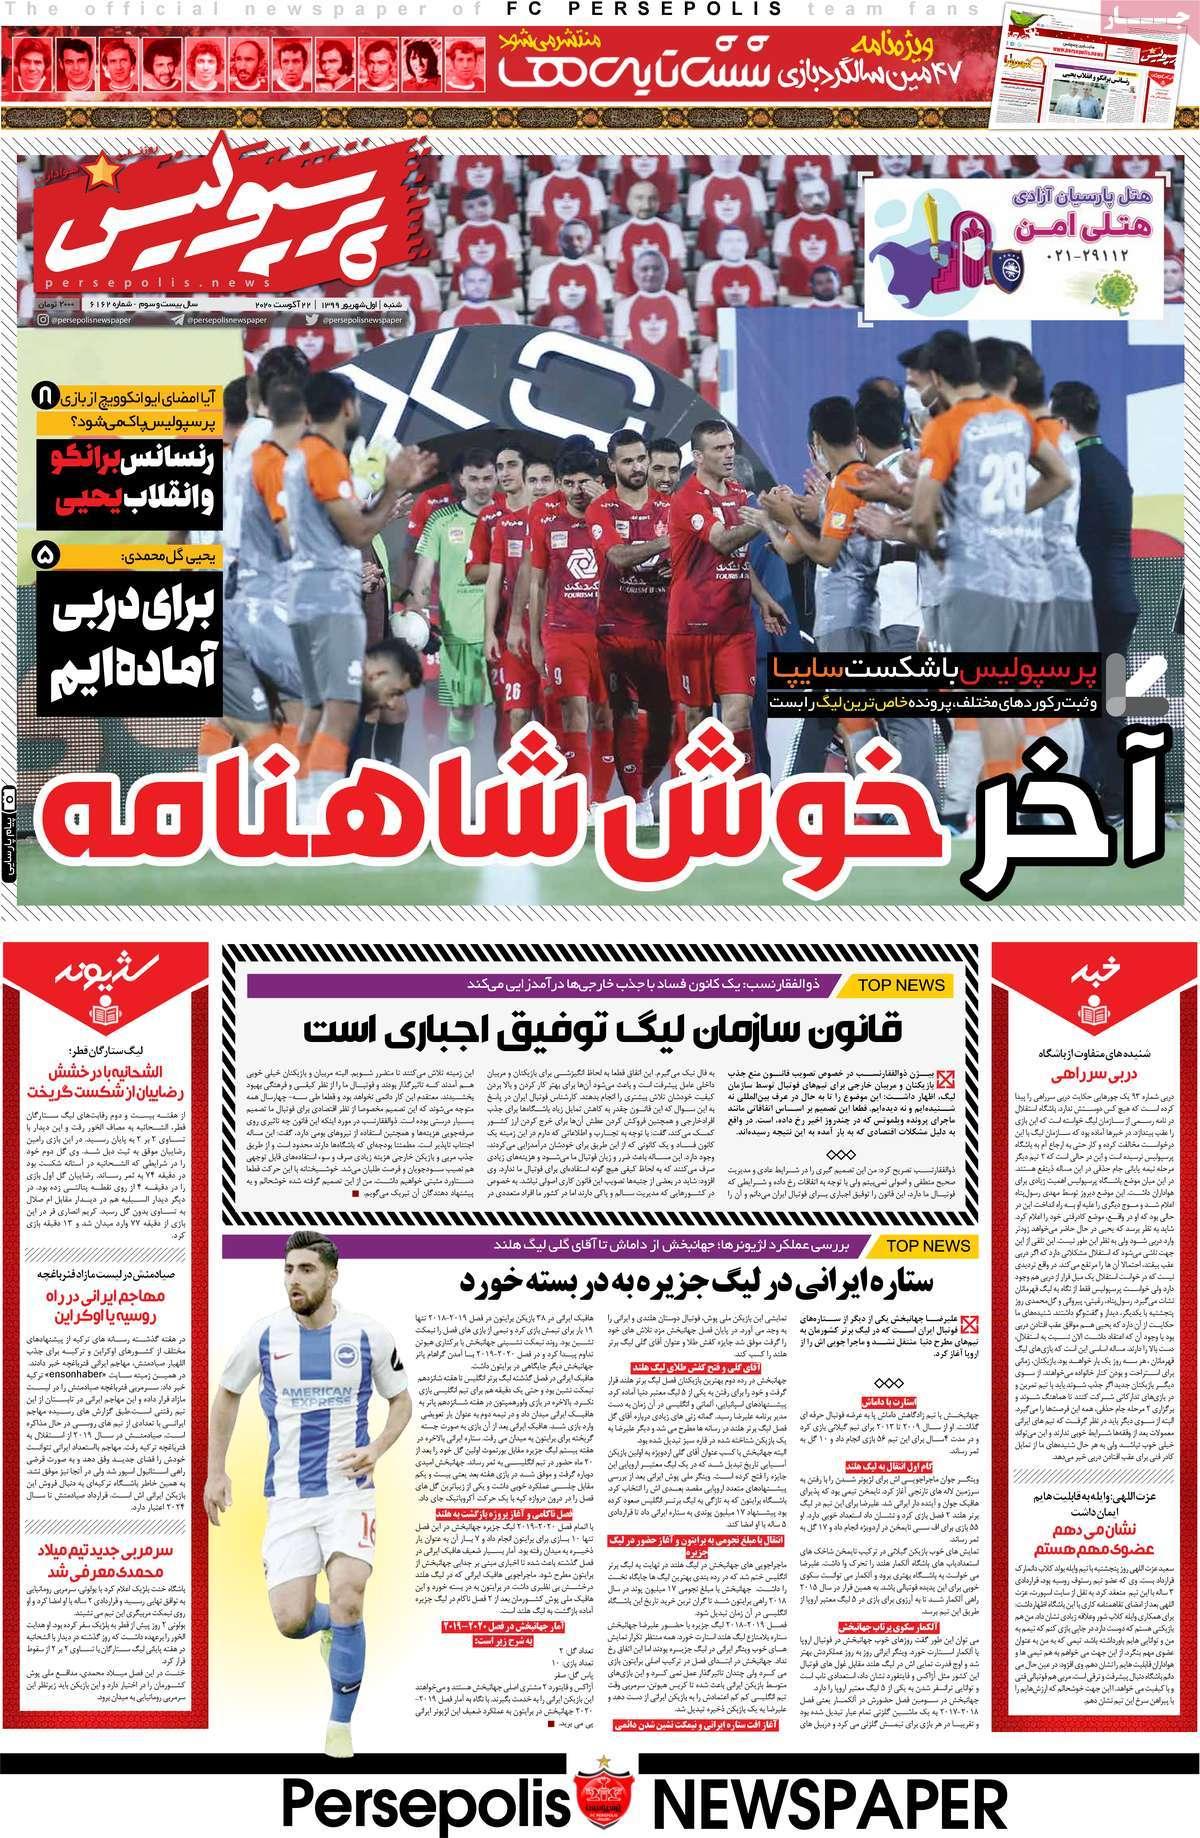 صفحه اول روزنامه پرسپوليس